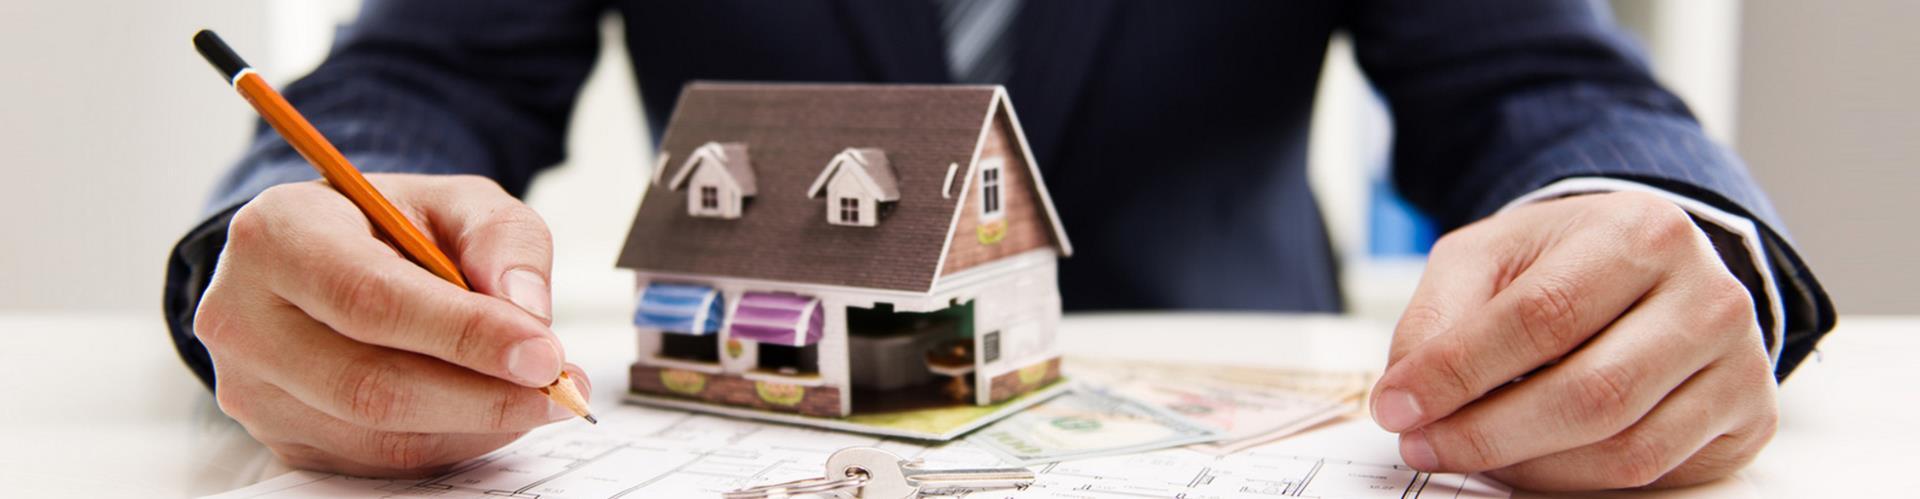 Consulenza immobiliare qualificata